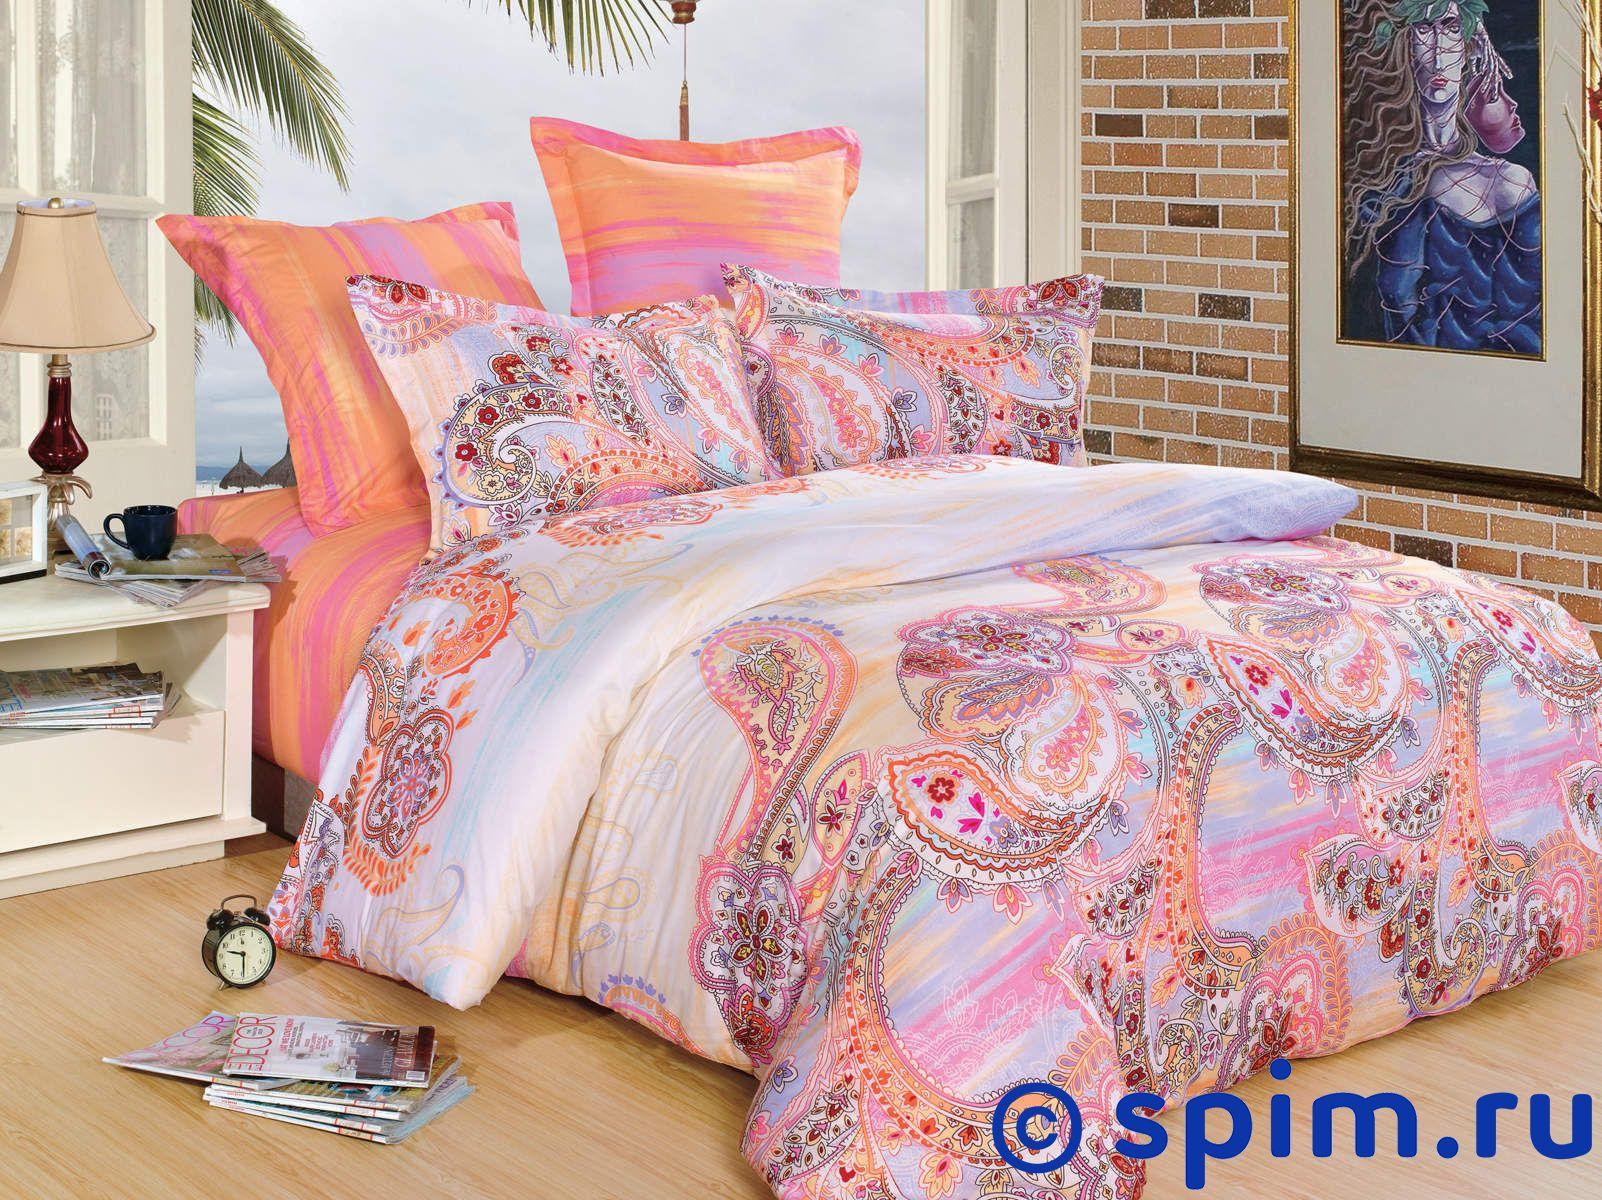 Комплект СайлиД В130 СемейноеСатиновое постельное белье СайлиД<br>Материал: 100% хлопок (печатный сатин). Плотность, г/м2: 130. Размер Sailid Б: Семейное<br><br>Размер: Семейное